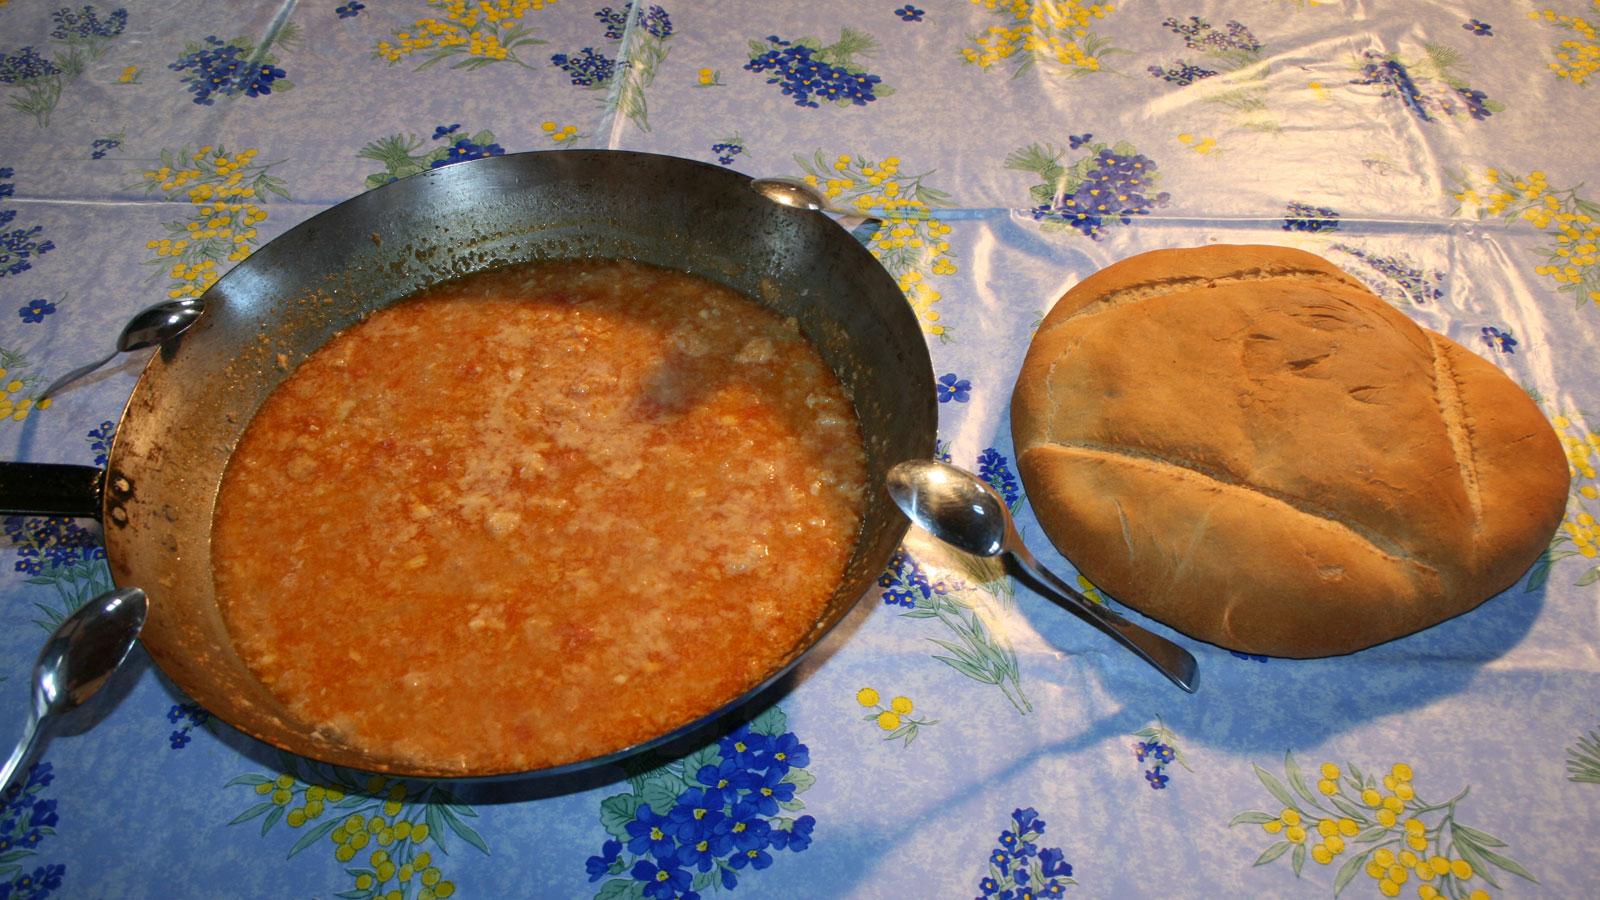 Genial cocina con sergio pepa im genes patatas bravas la for La cocina de sergio